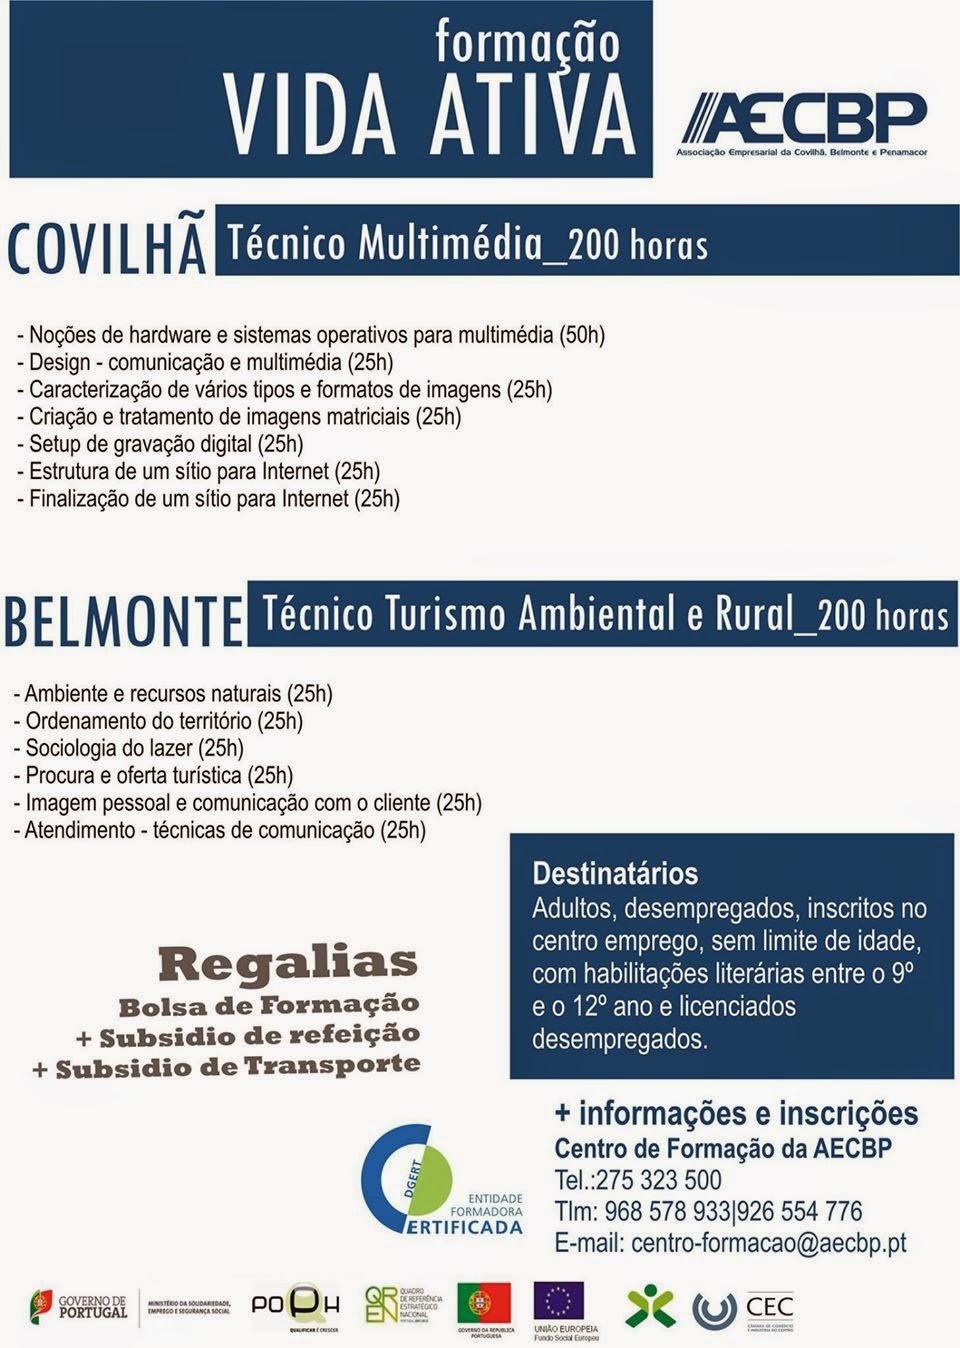 Cursos financiados para desempregados (Vida Ativa) – Covilhã e Belmonte